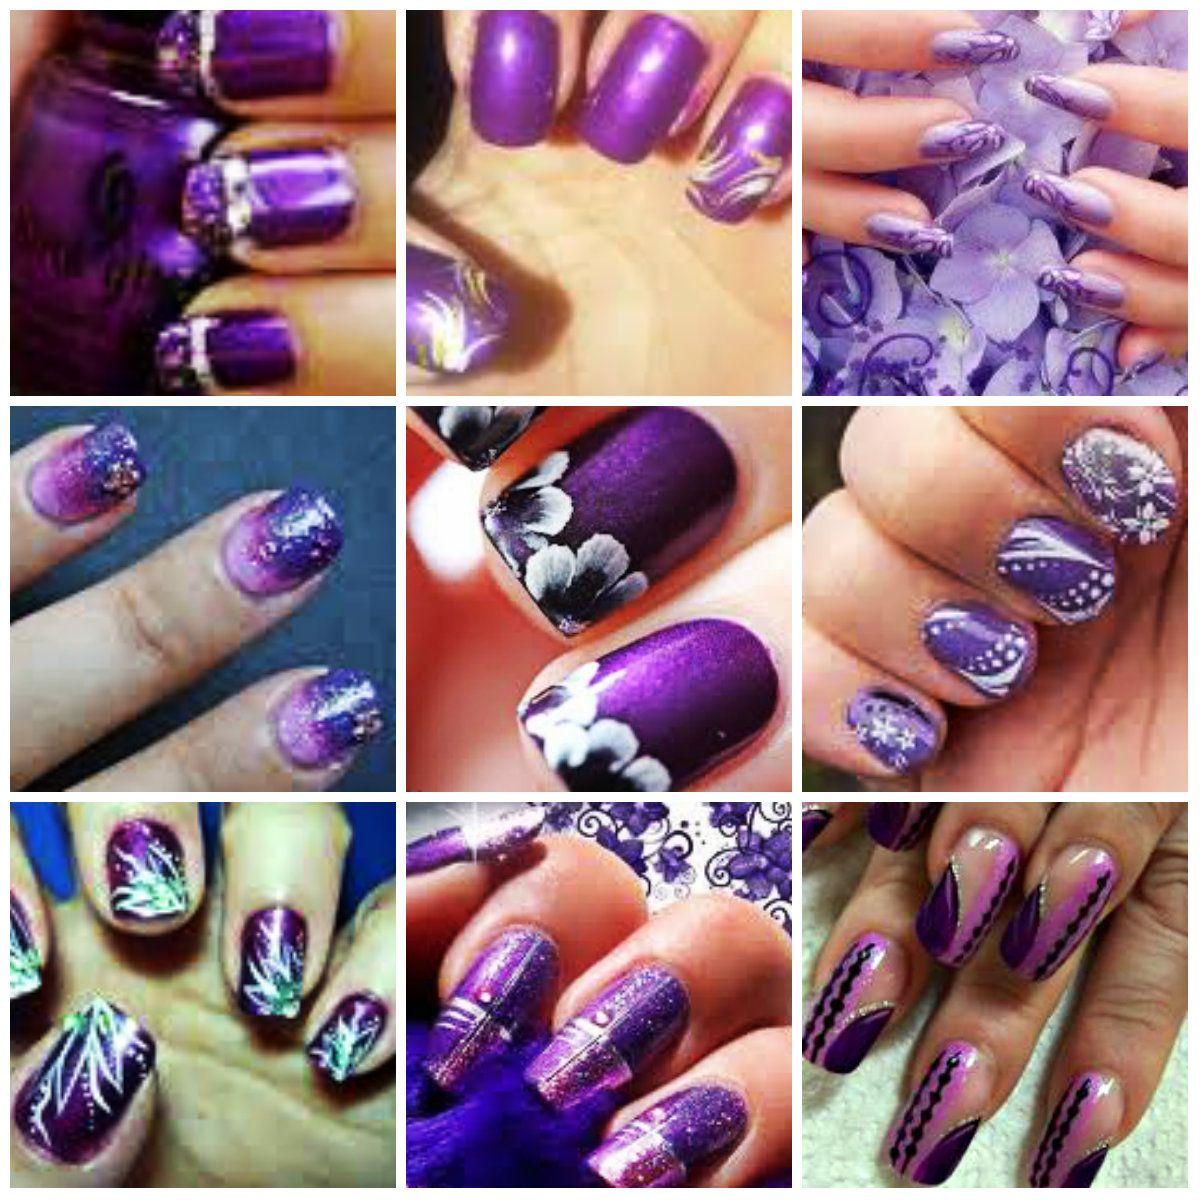 purple nail art ideas design1 nail art ideas 2013 trends - Nail Art Designs Ideas